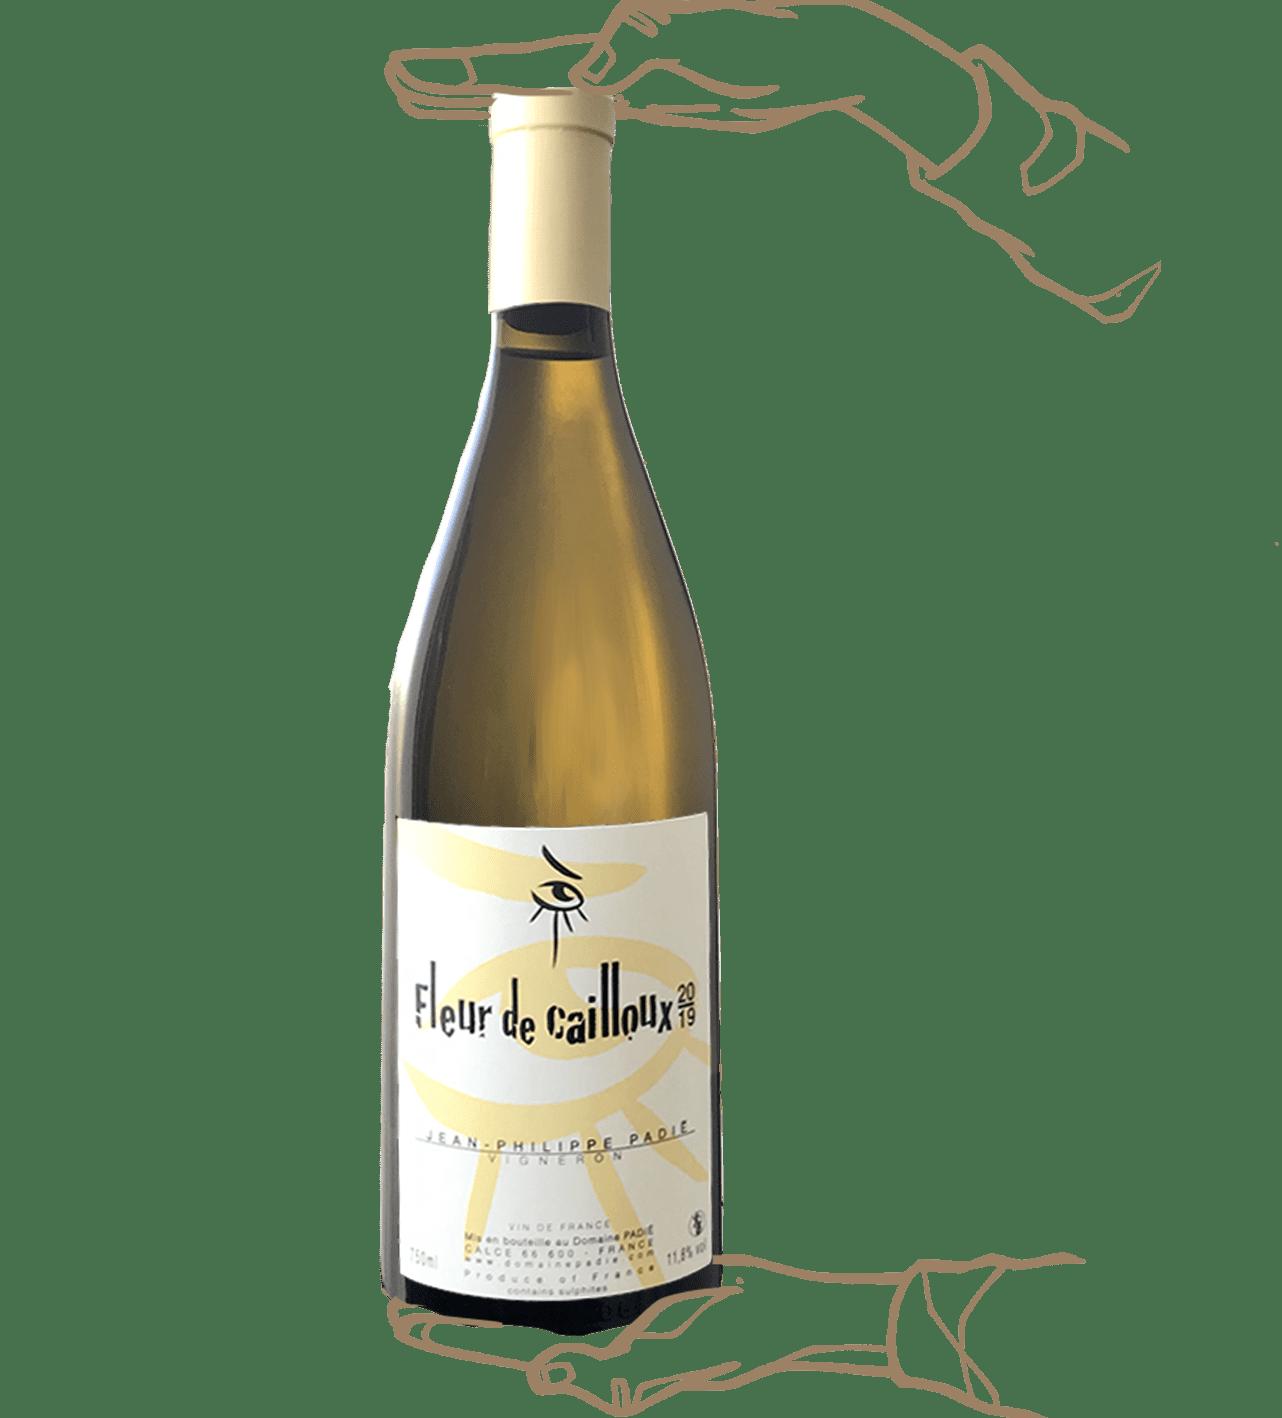 Fleur de Cailloux est un vin naturel du domaine Padié dans le roussillon